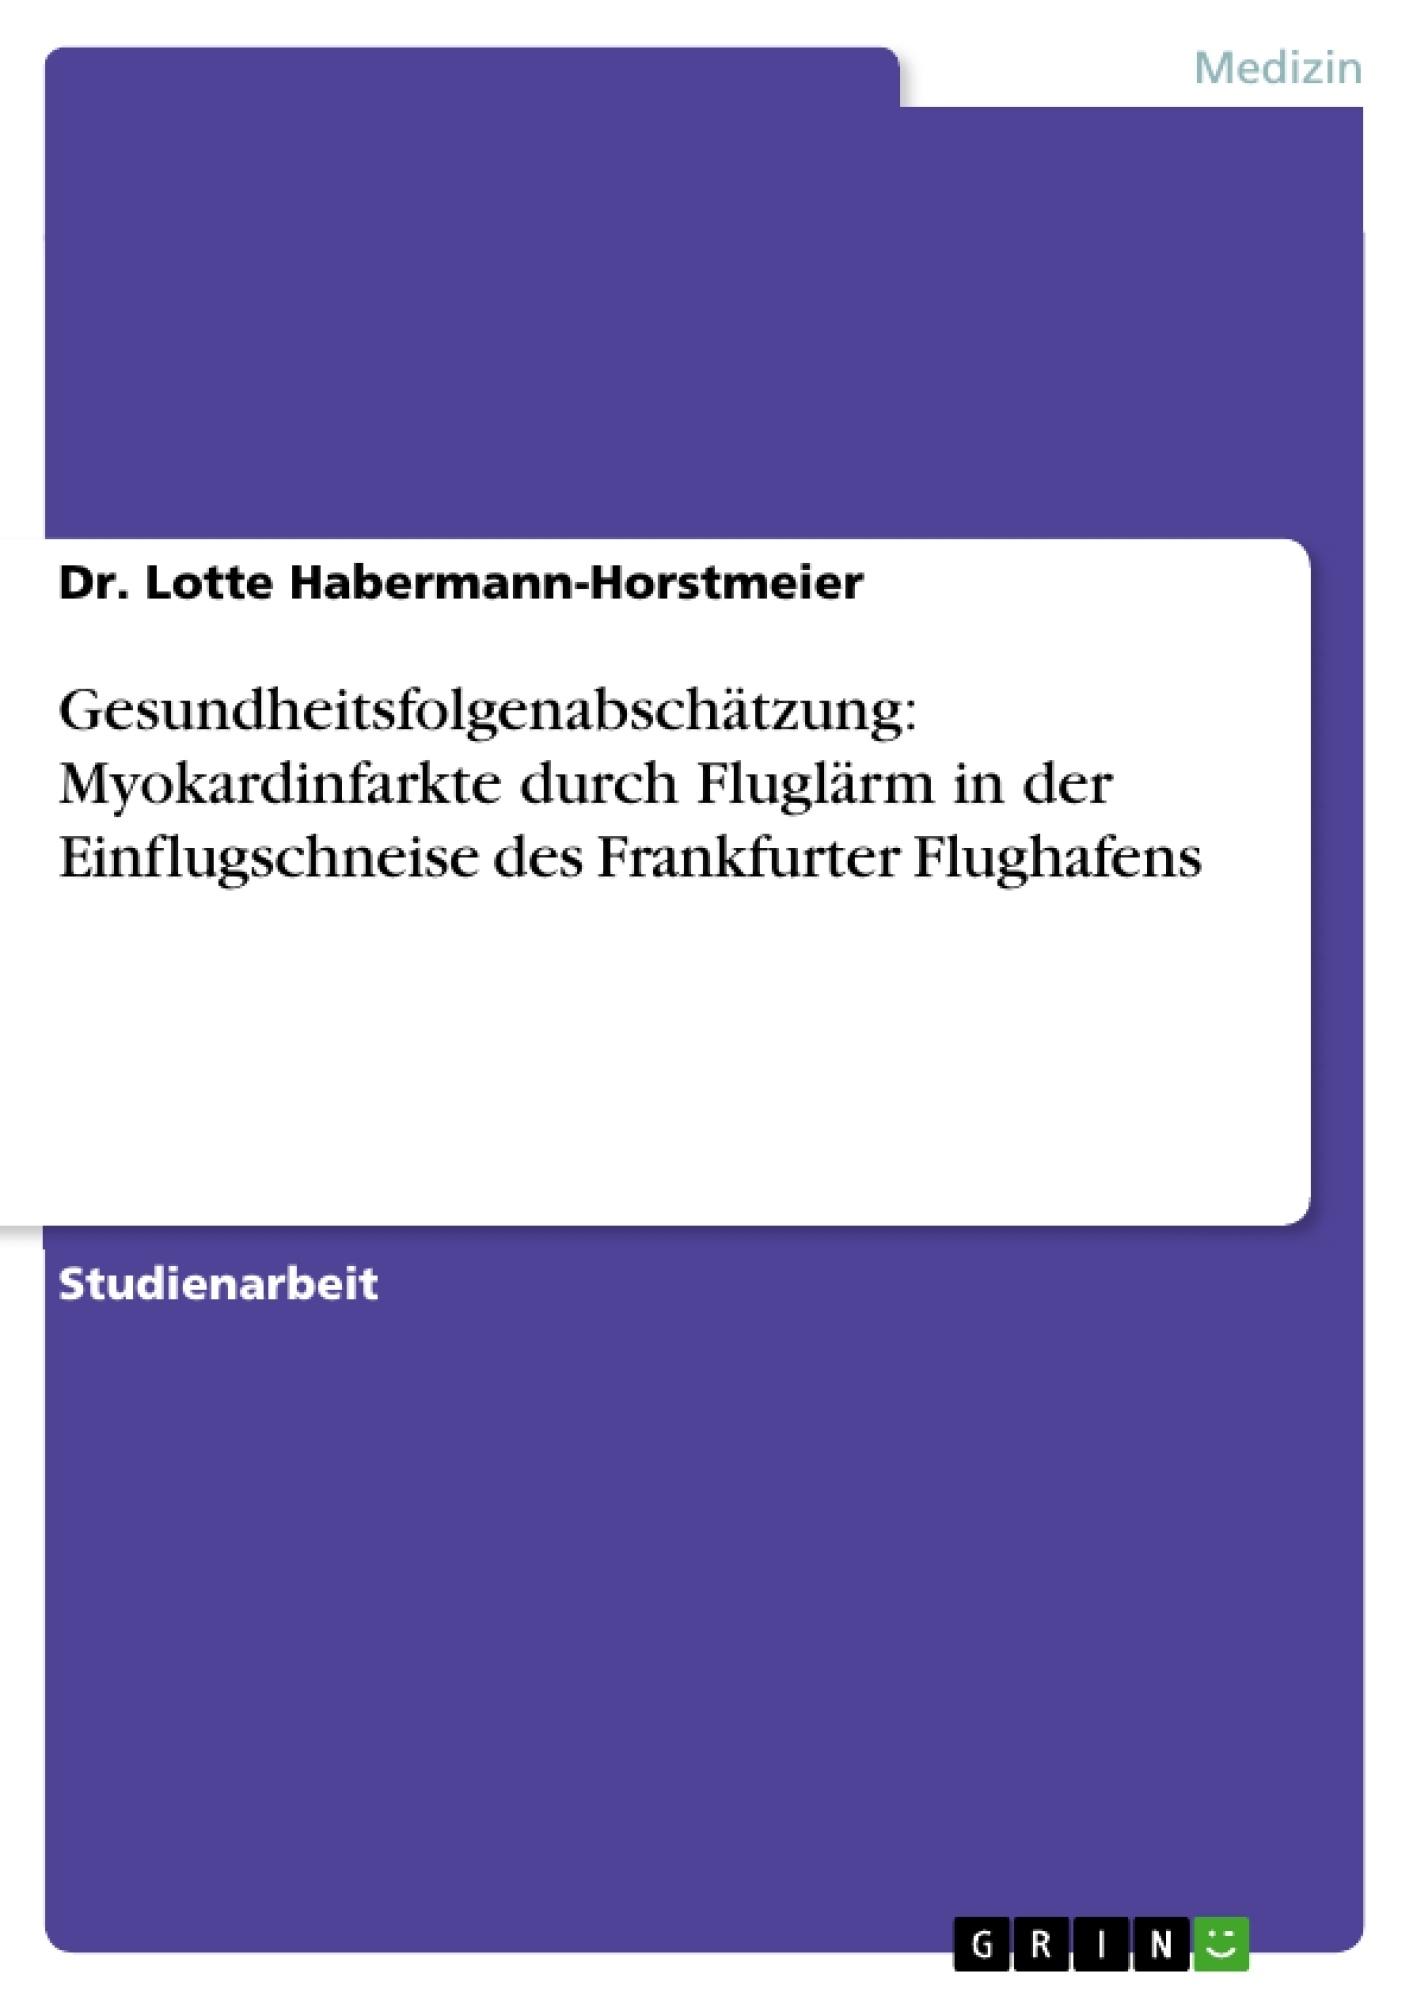 Titel: Gesundheitsfolgenabschätzung: Myokardinfarkte durch Fluglärm in der Einflugschneise des Frankfurter Flughafens